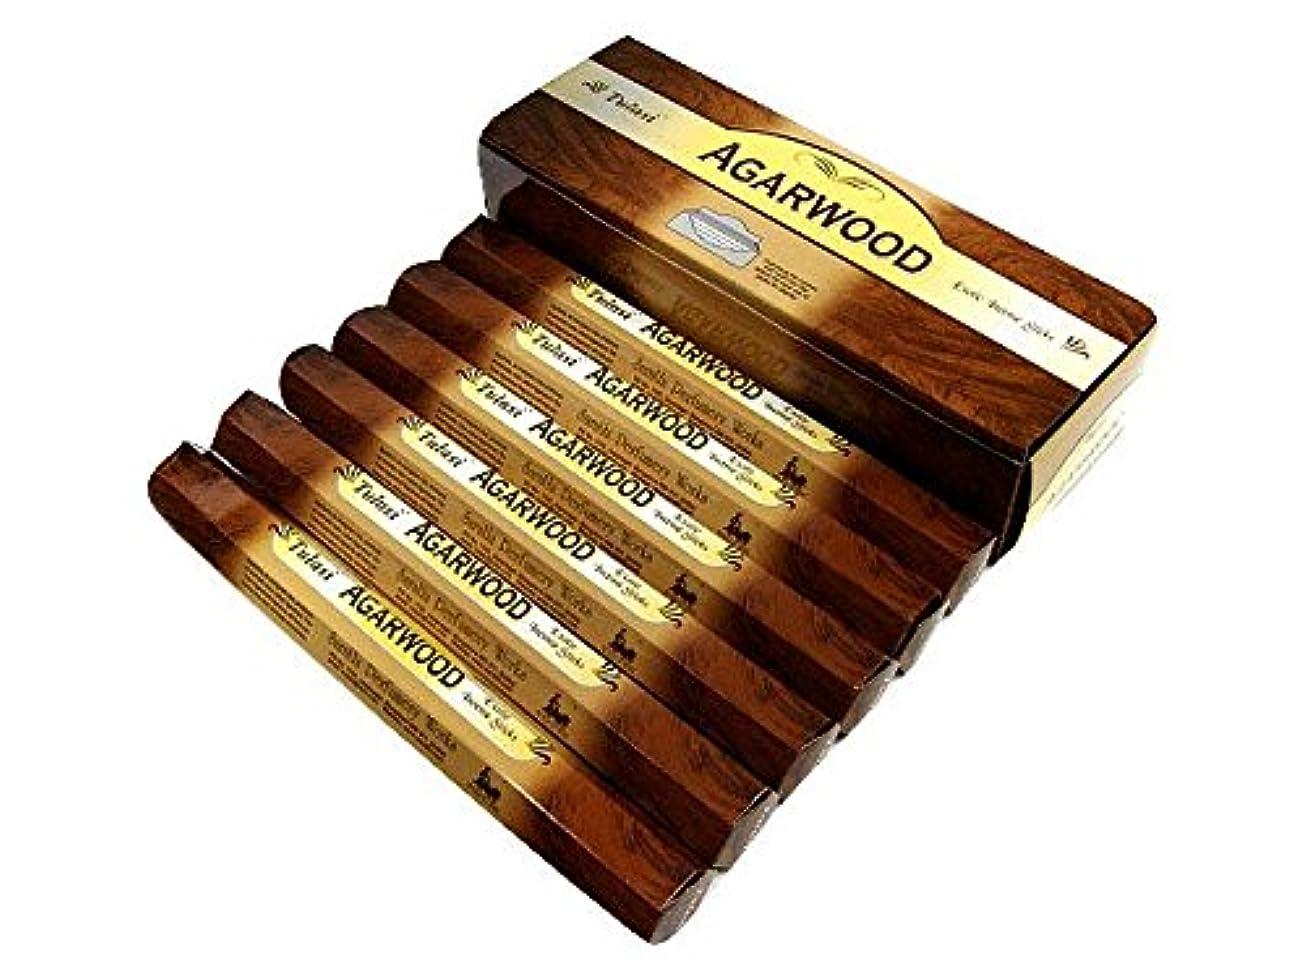 識字無臭求めるTULASI(トゥラシ) アガーウッド香 スティック AGARWOOD 6箱セット